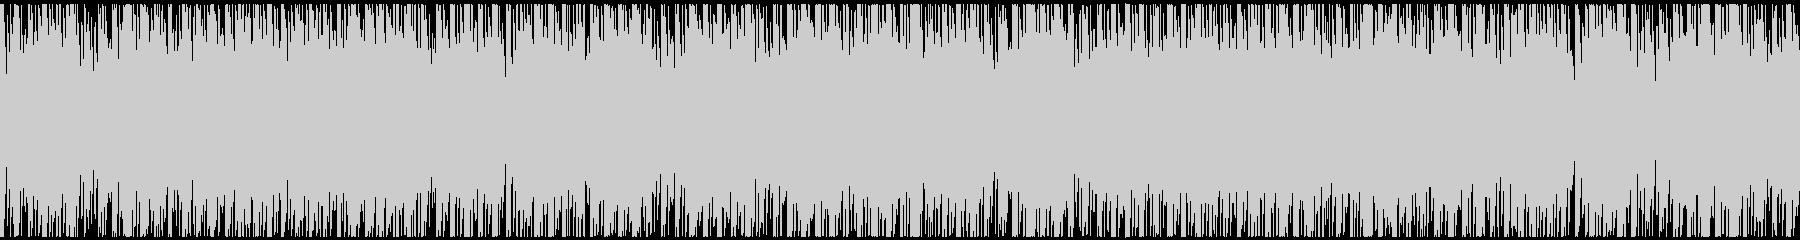 Functionの未再生の波形